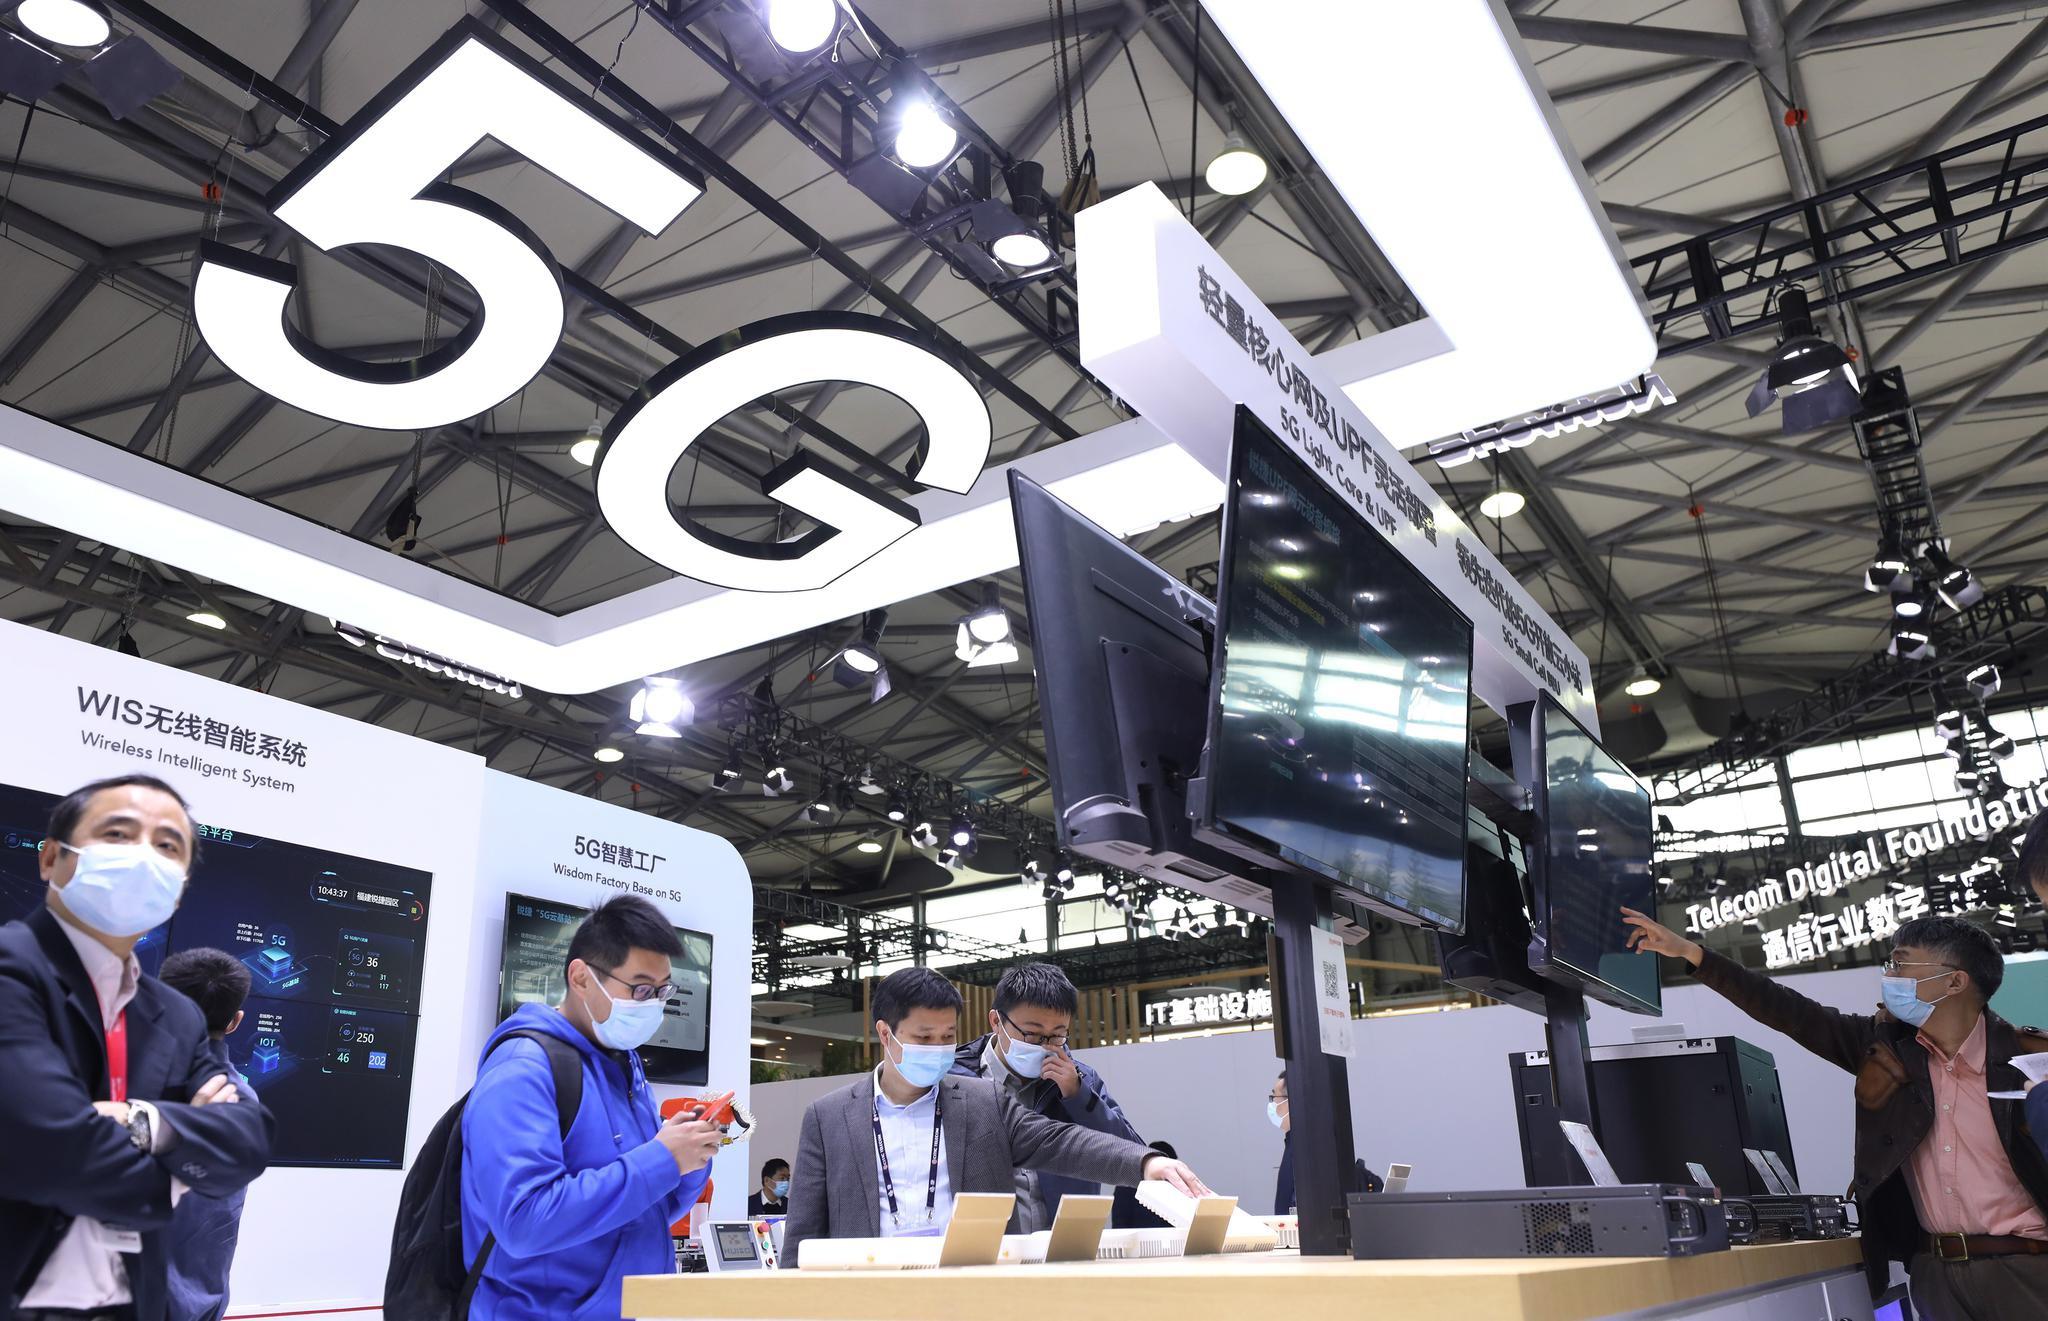 尚属探索阶段 工信部要求稳中有进推动6G发展